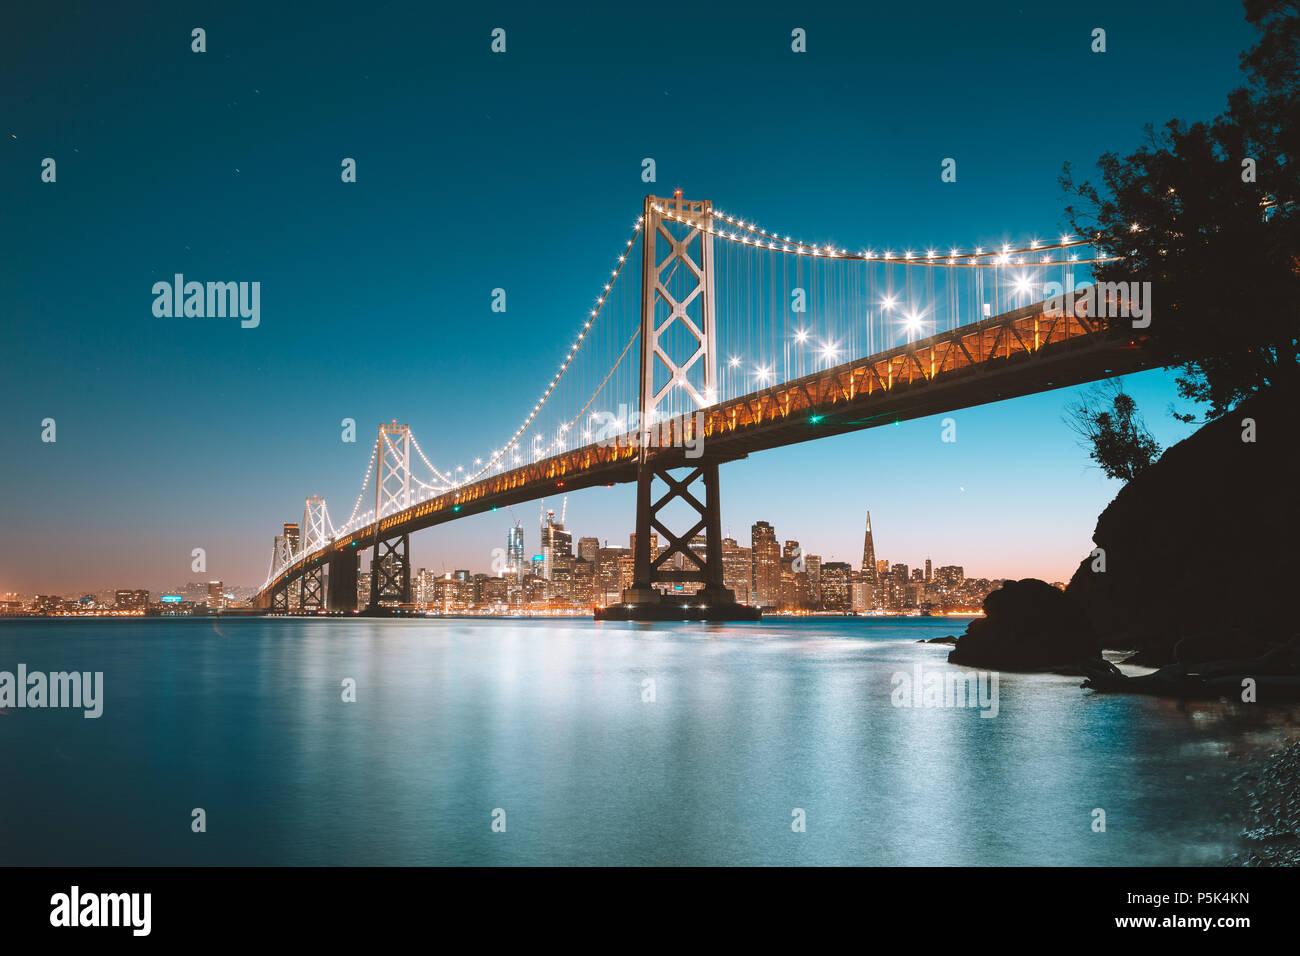 Klassische Panoramablick auf San Francisco Skyline mit berühmten Oakland Bay Bridge leuchtet in schönen Abend dämmerung Dämmerung im Sommer Stockbild